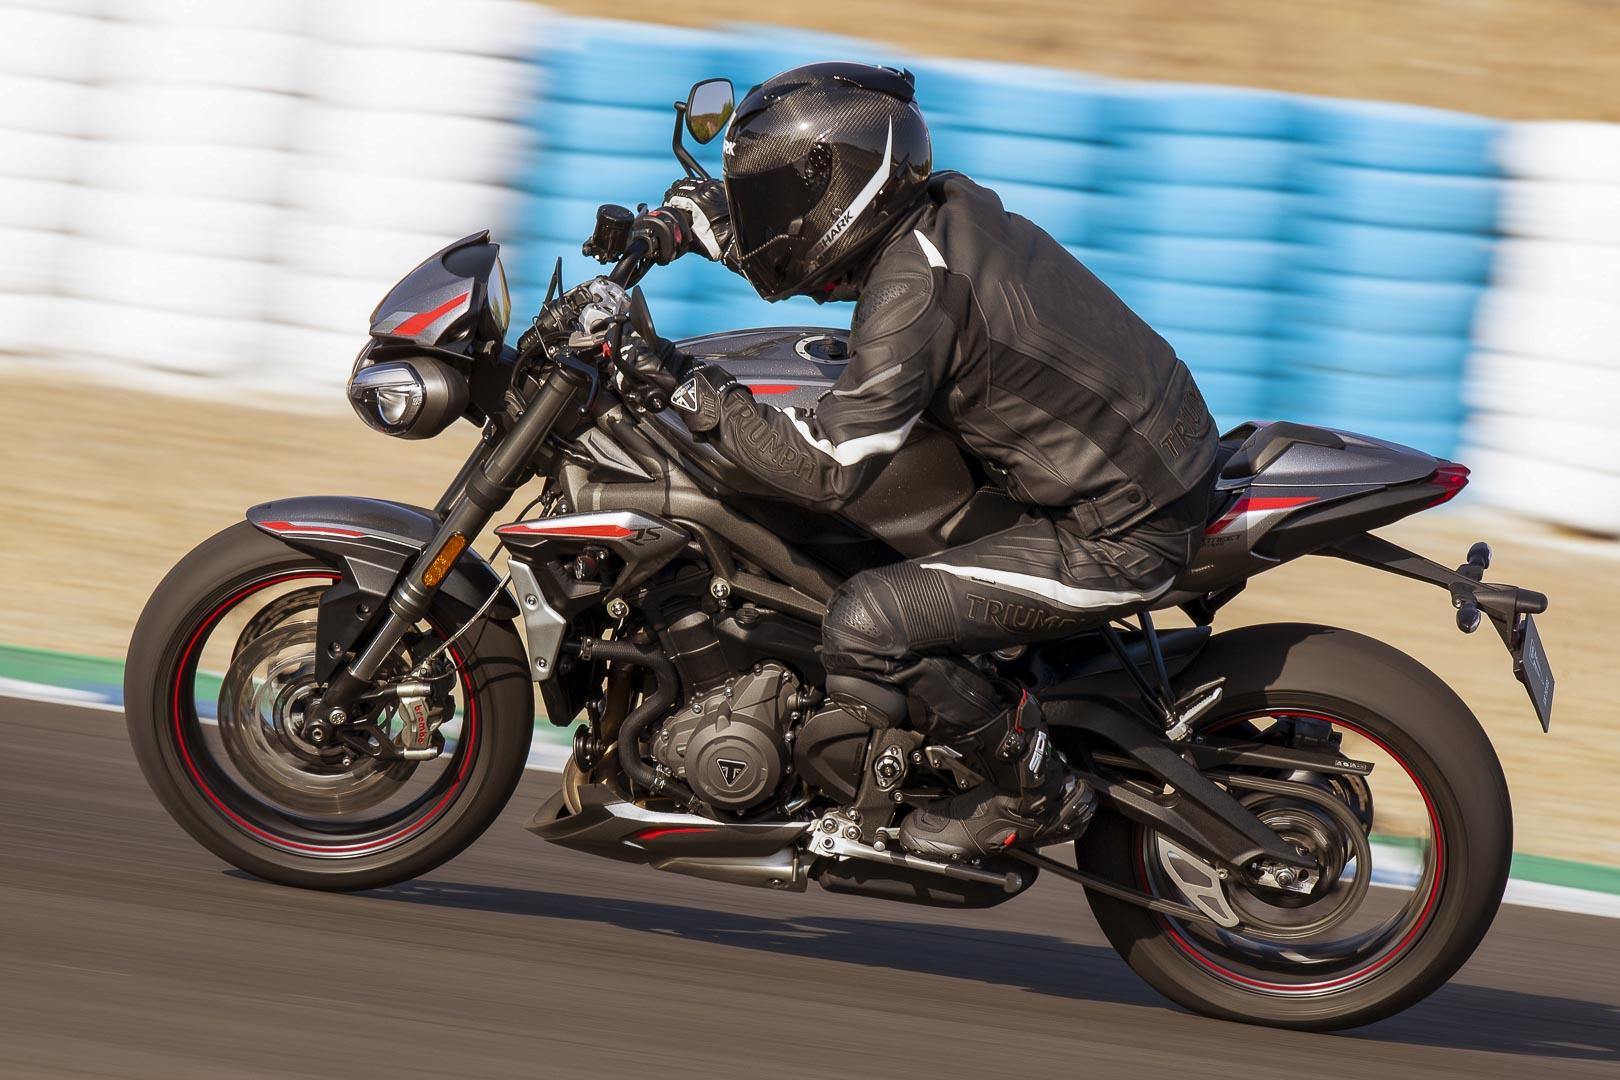 2020 Street Triple RS top speed